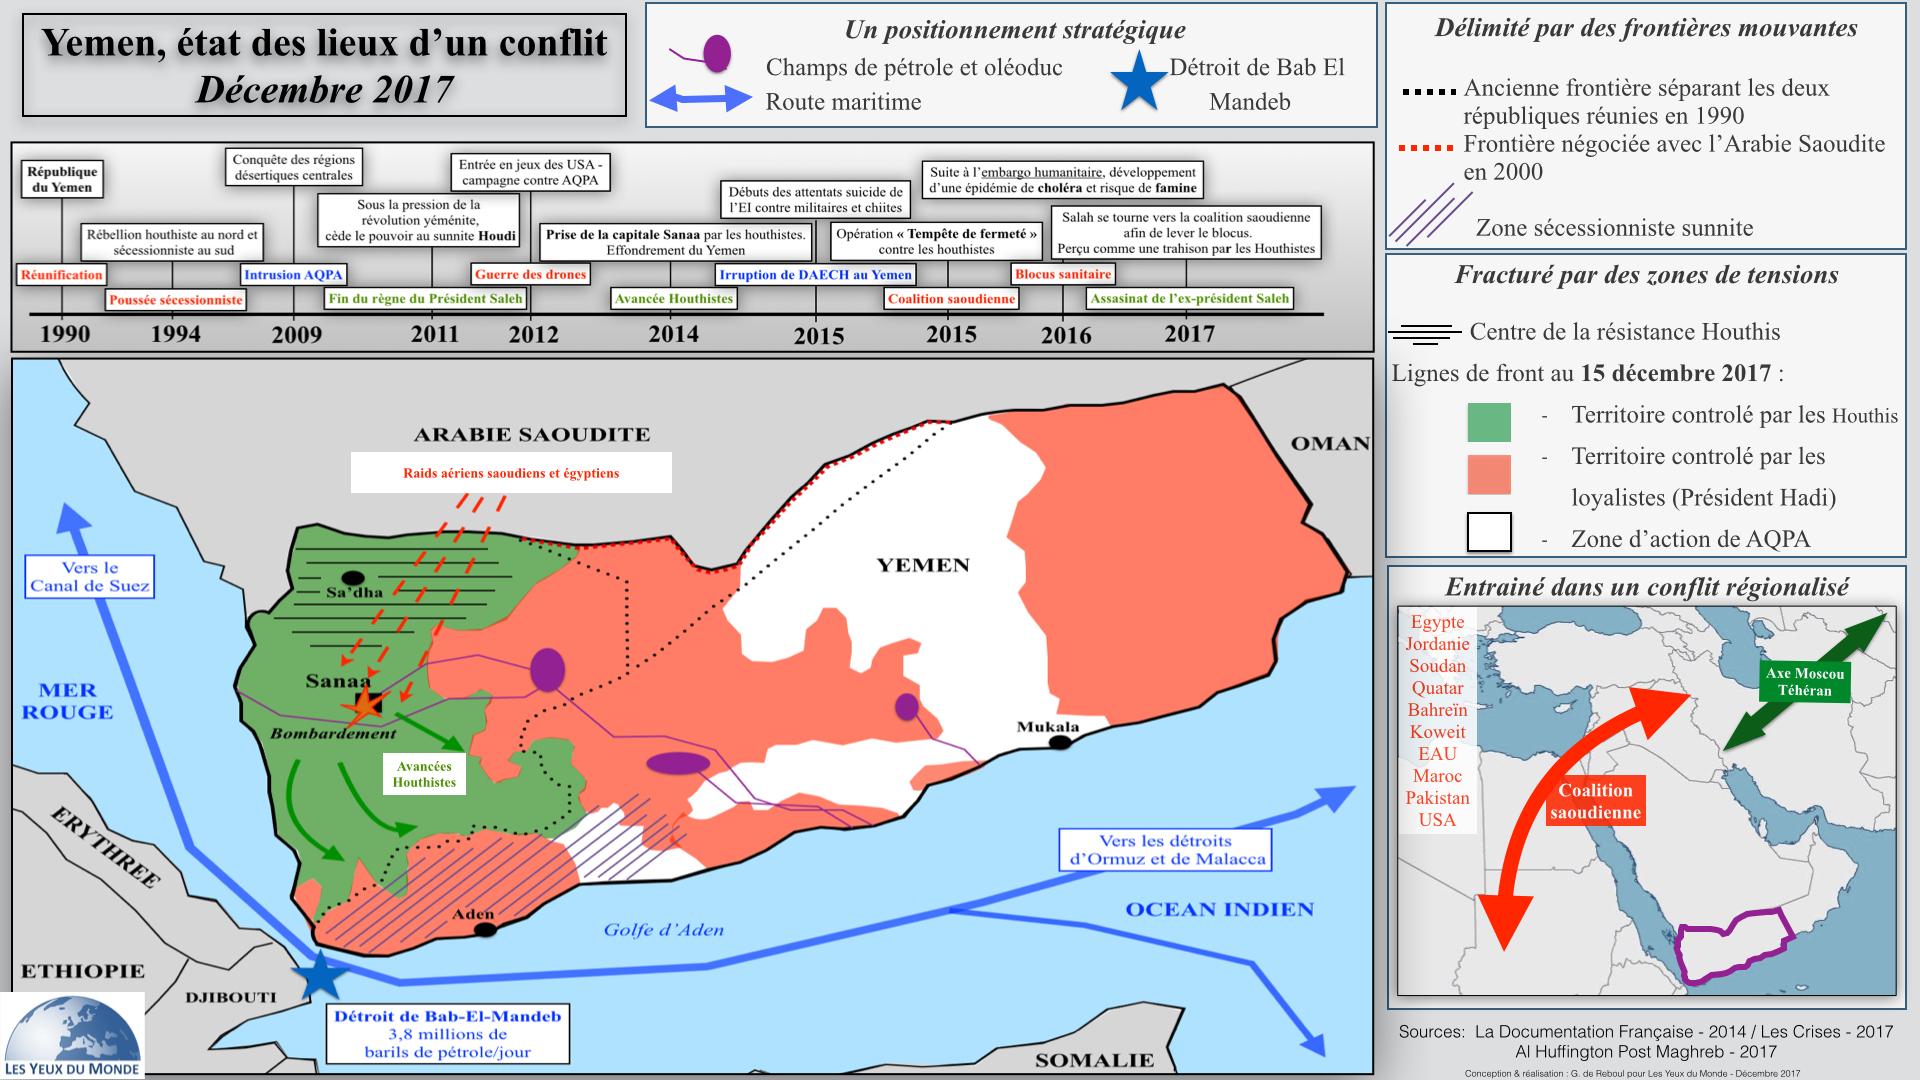 La guerre au Yemen, un conflit tribal régionalisé.